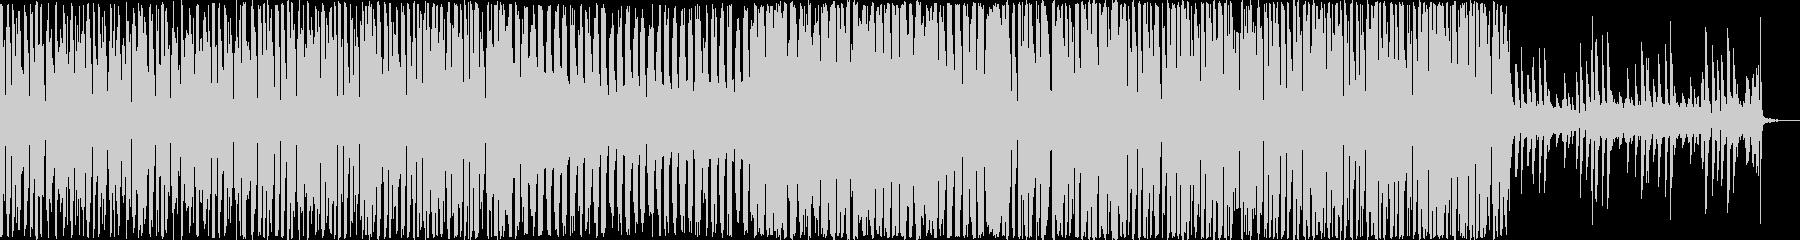 かわいい・ワクワクな印象のエレクトロニカの未再生の波形